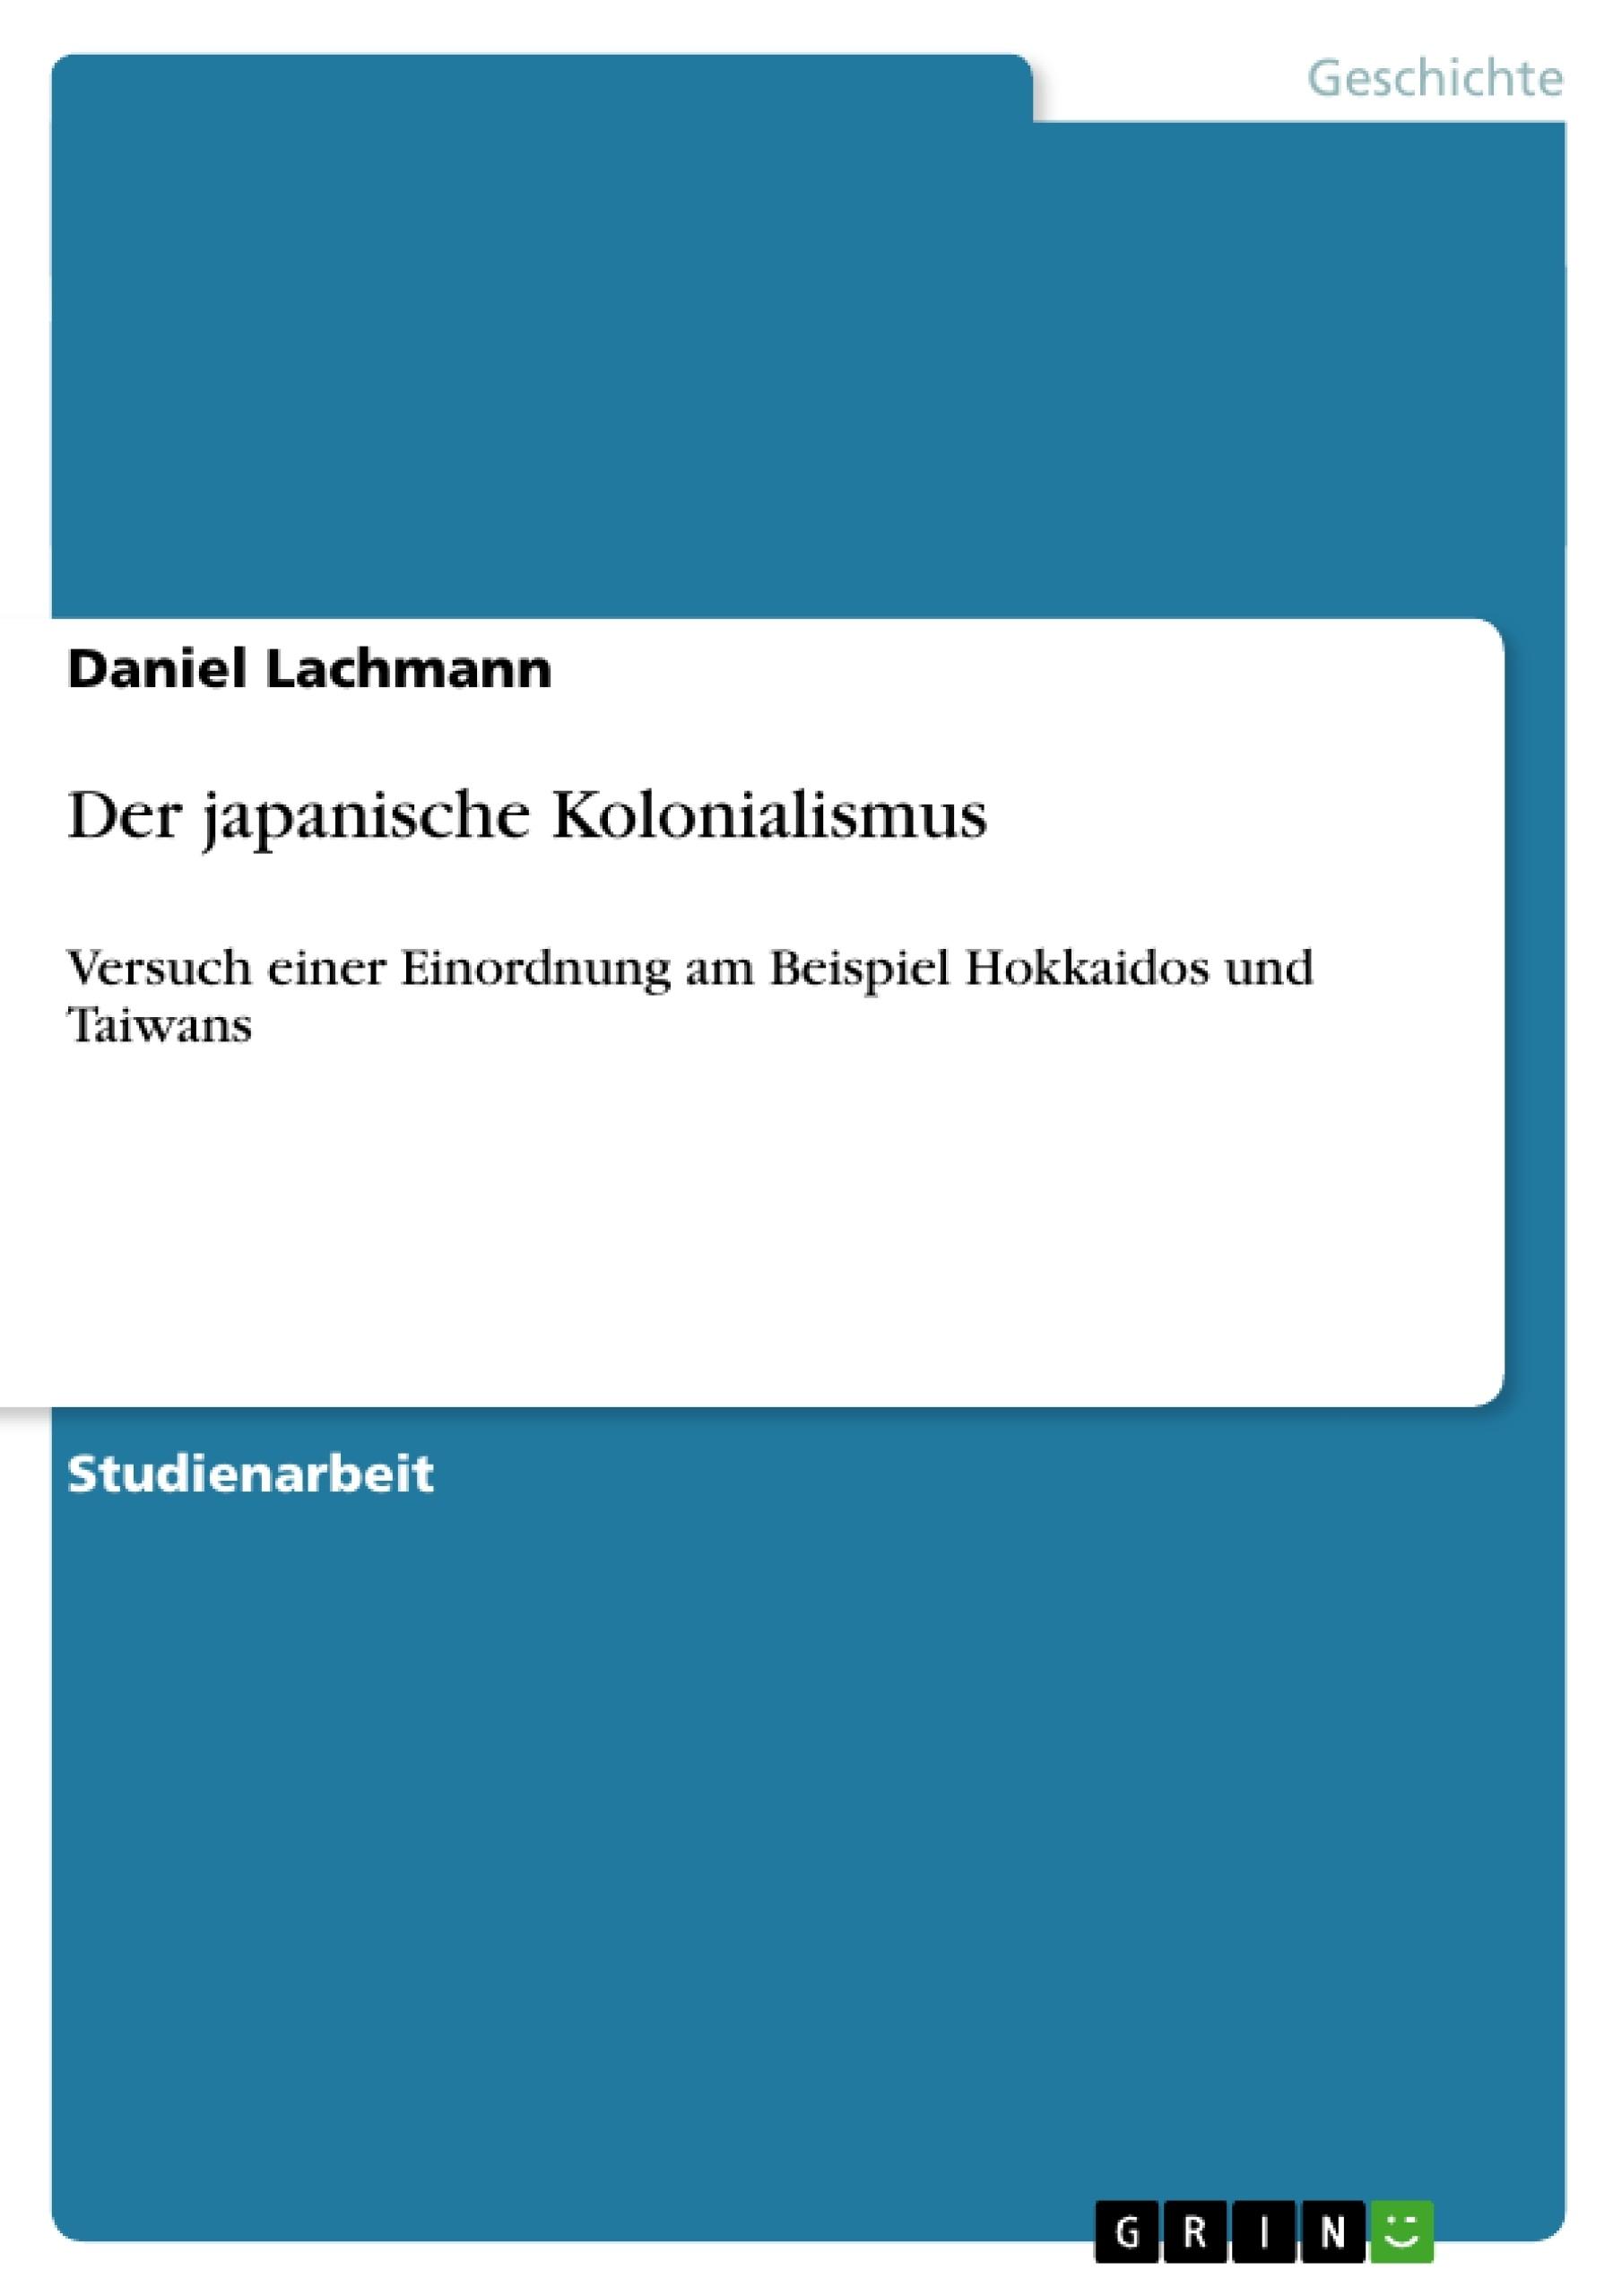 Der Japanische Kolonialismus Masterarbeit Hausarbeit